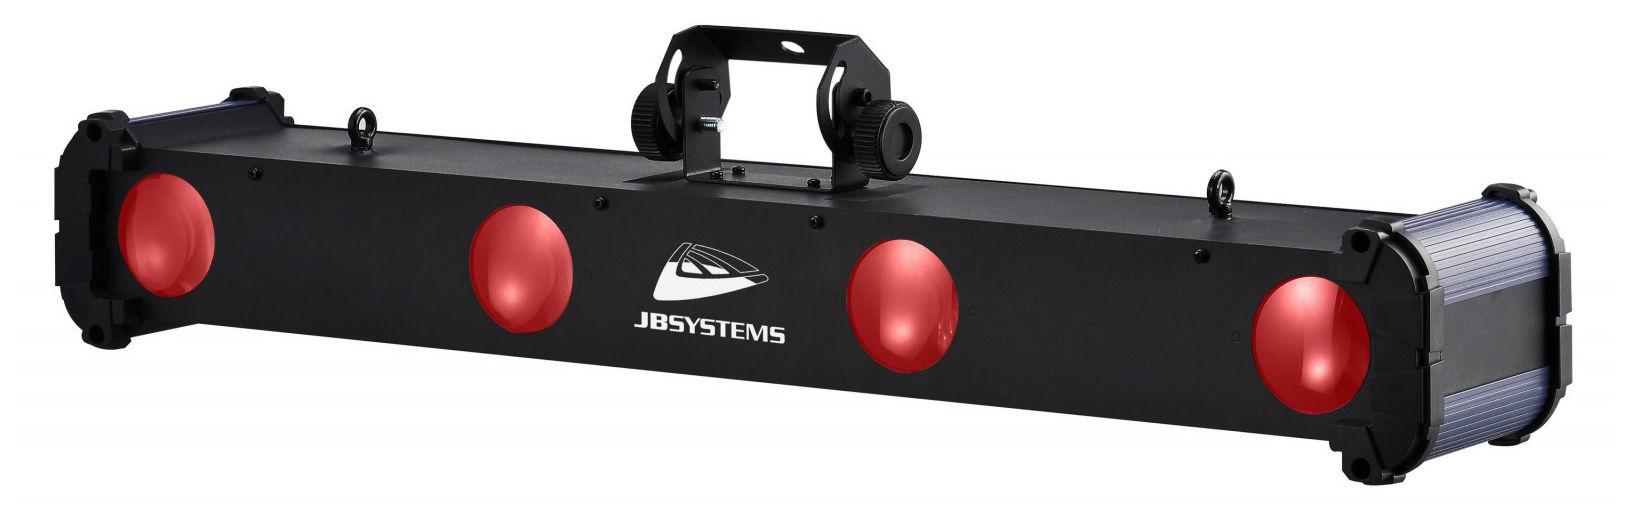 Lichteffekte - JB Systems Super Quadra Beam - Onlineshop Musikhaus Kirstein